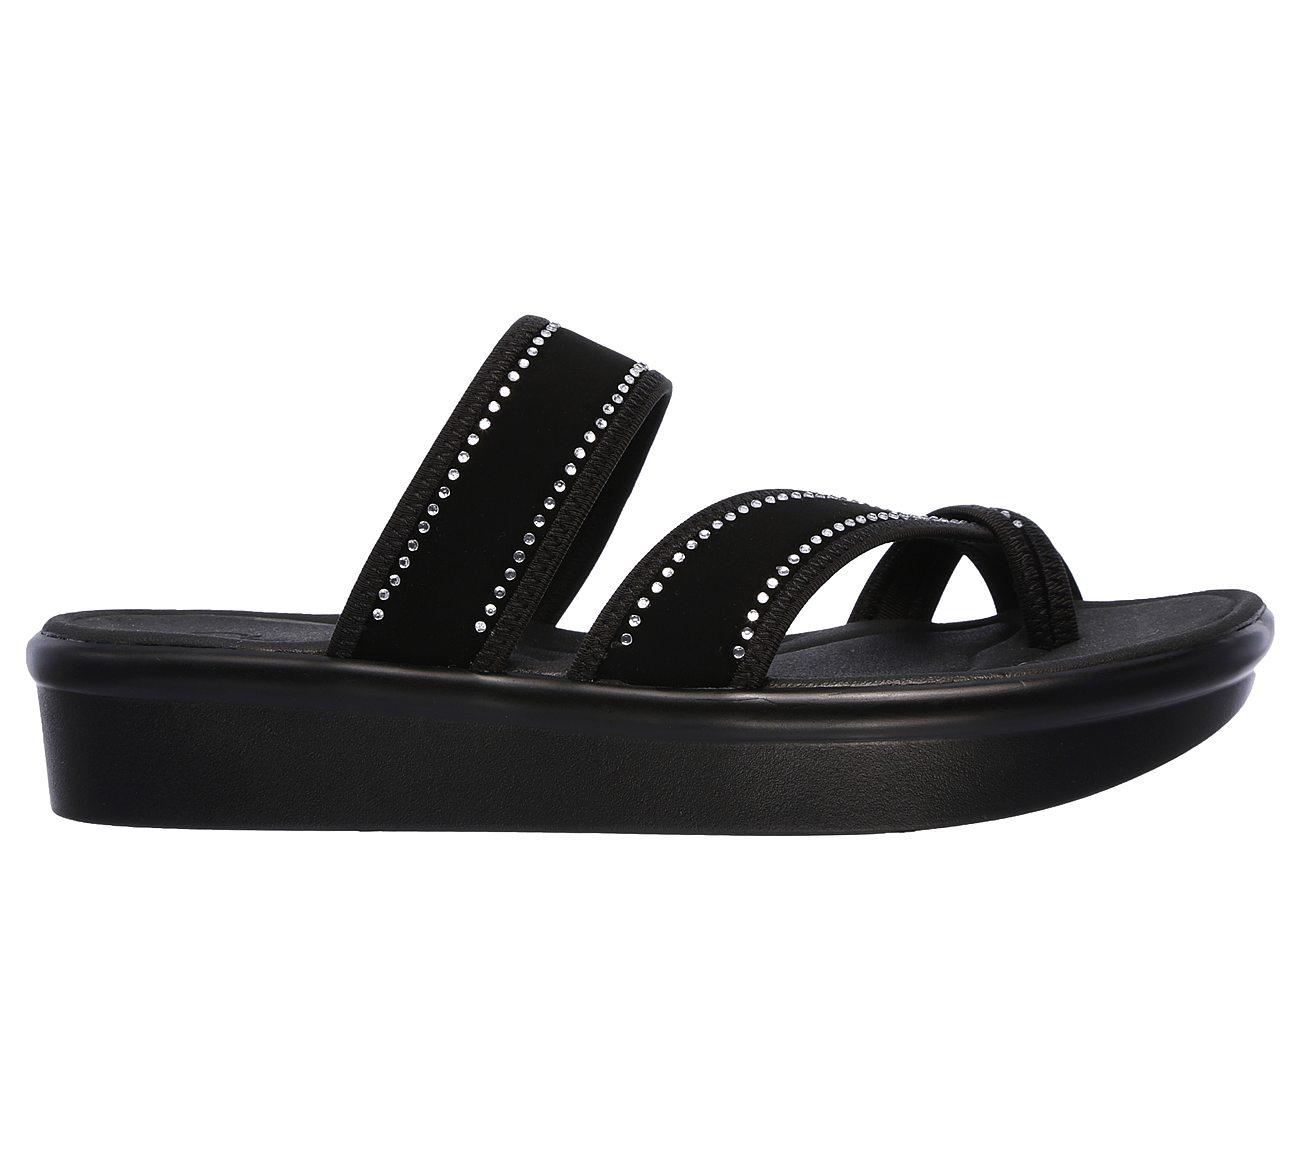 Skechers Steady Rock Sandals 4DU1u